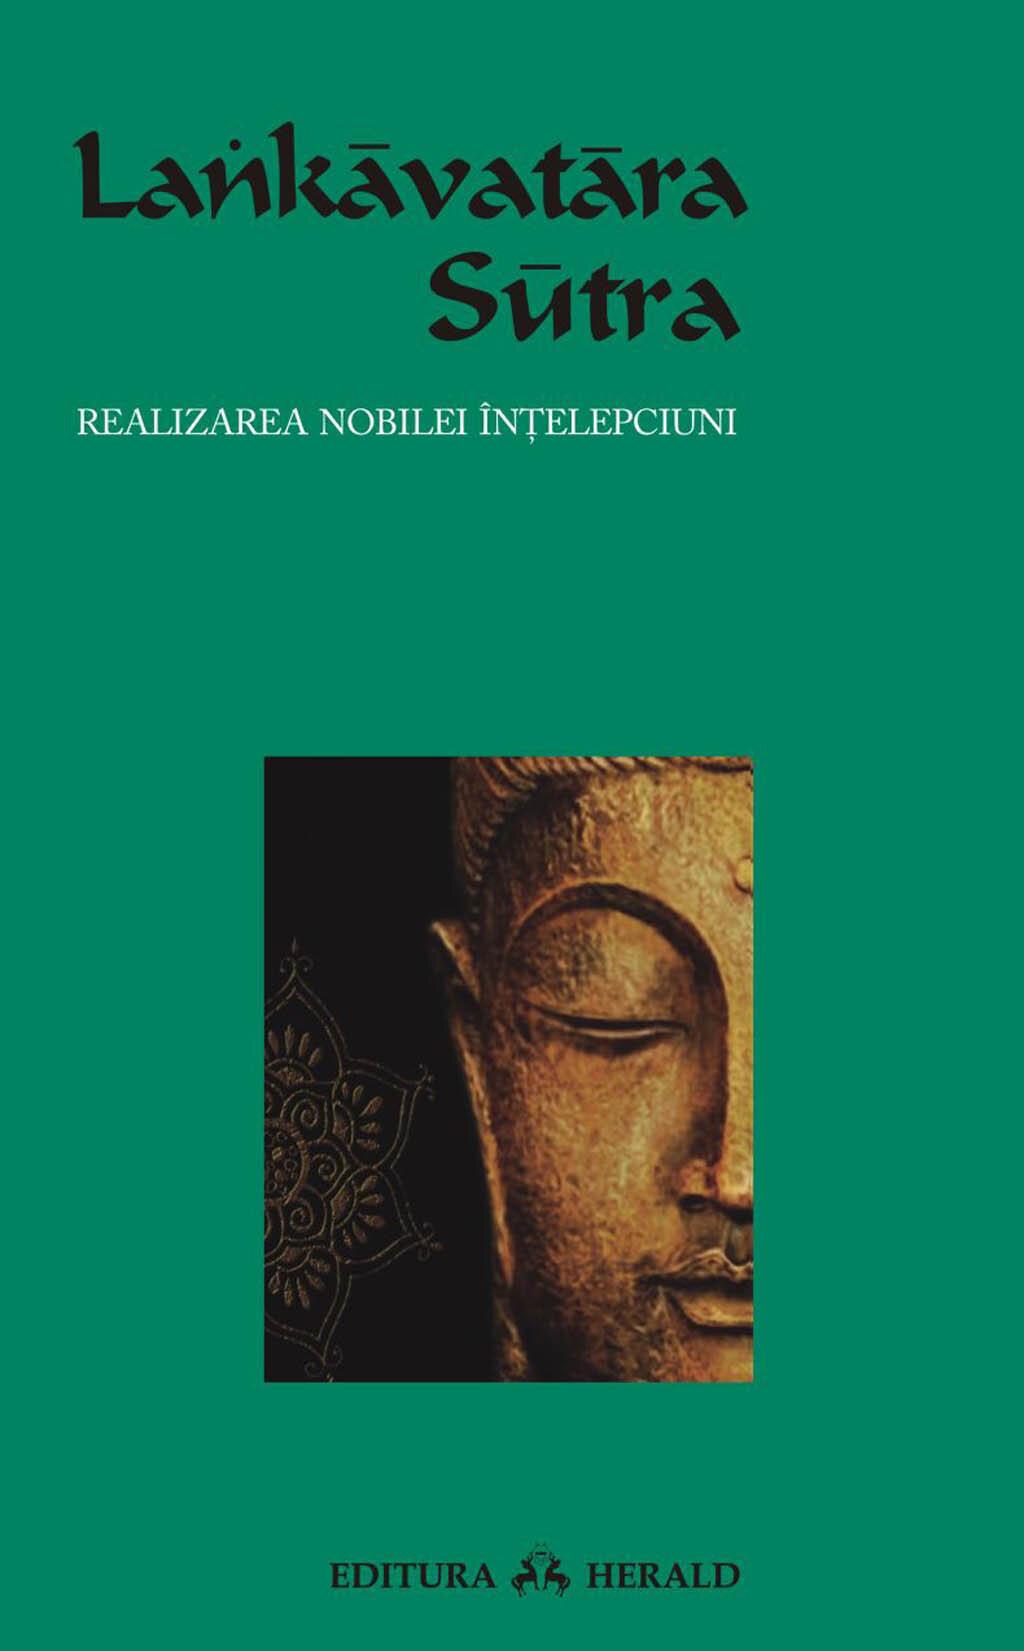 Lankavatara Sutra. Realizarea nobilei intelepciuni (eBook)